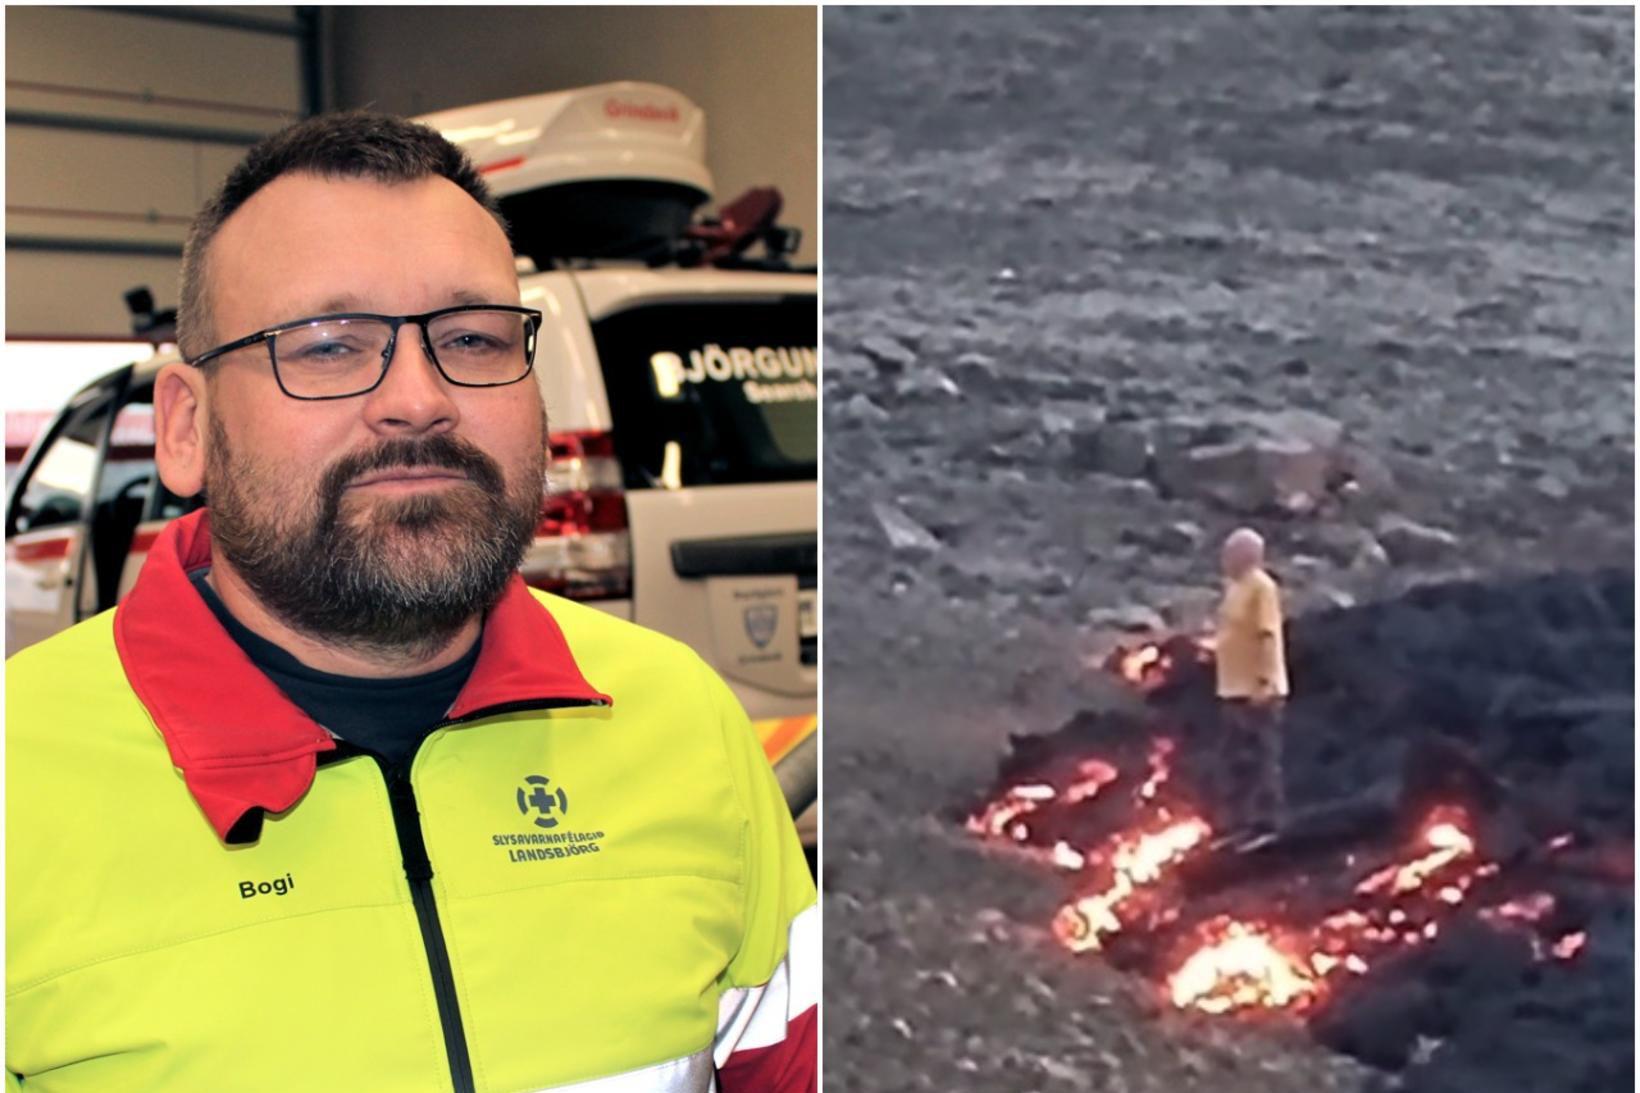 Bogi Adolfsson segir ekki eðlilegt að haga sér eins og …